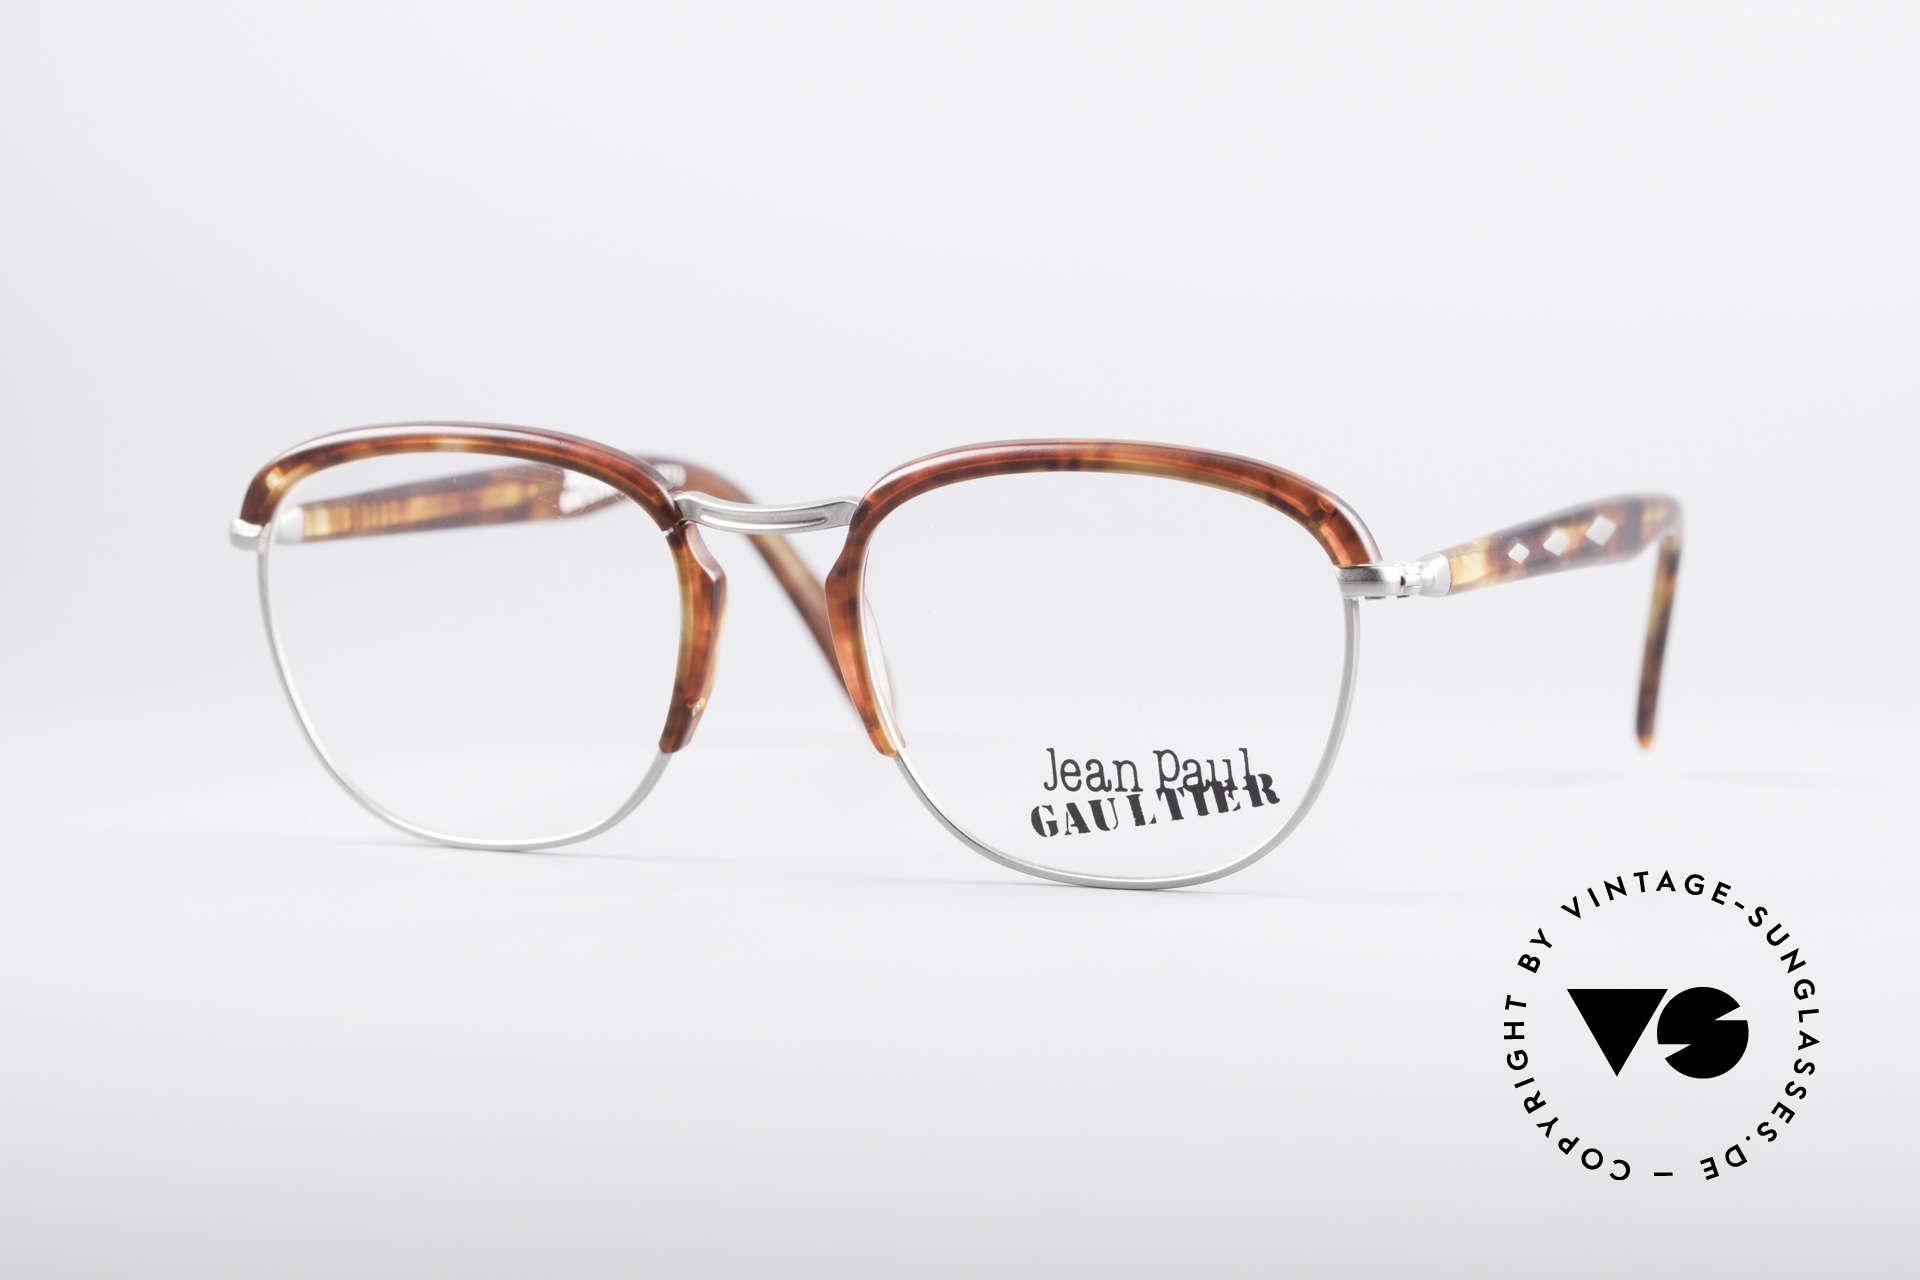 Jean Paul Gaultier 55-1273 Vintage 90's Specs, 90's vintage Gaultier designer eyeglass-frame, Made for Men and Women